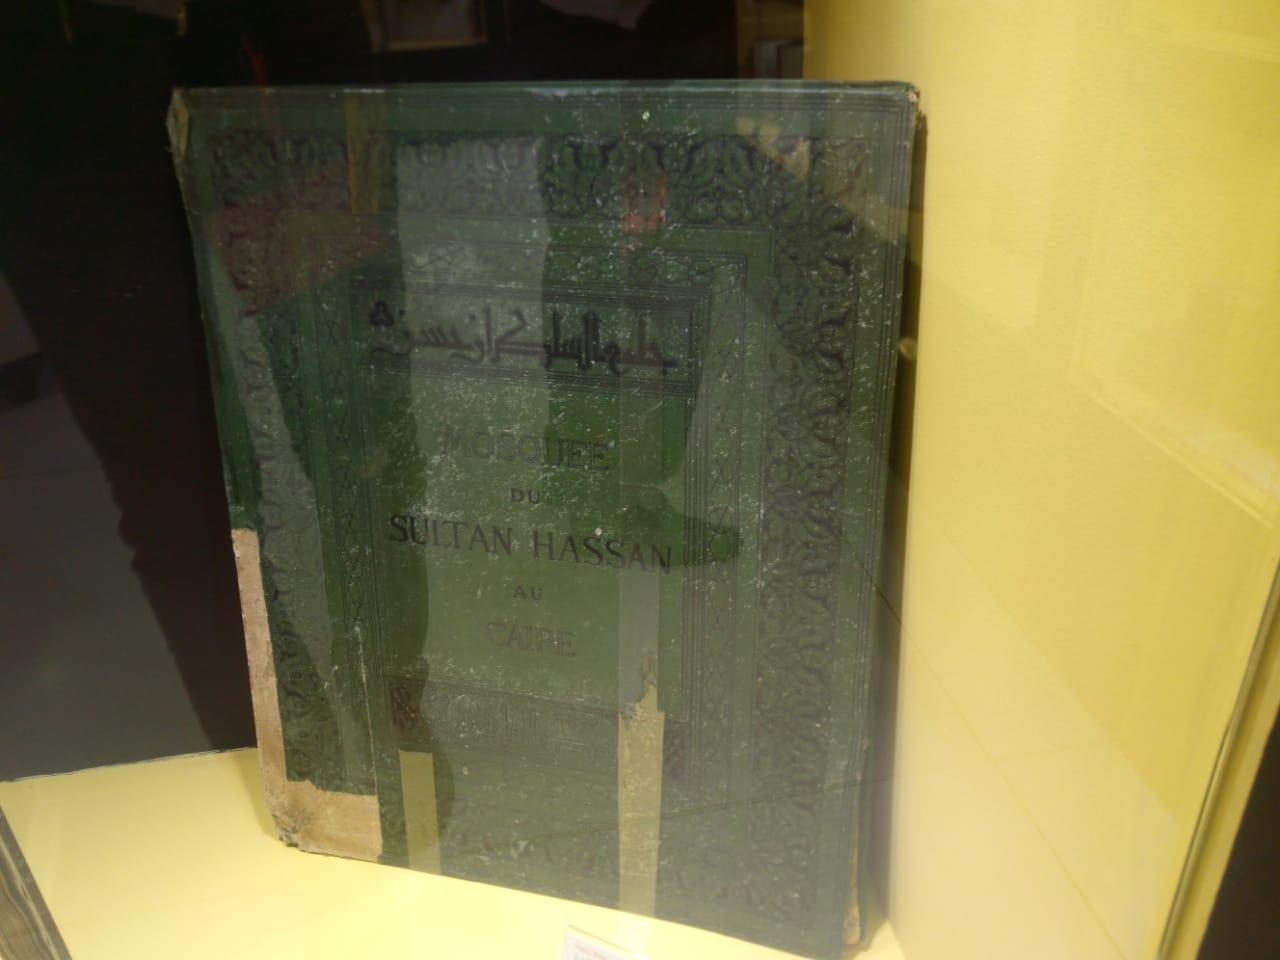 الطعبة الأولى لكتاب يتناول مسجد السلطان حسن عمره 119 عام (2)